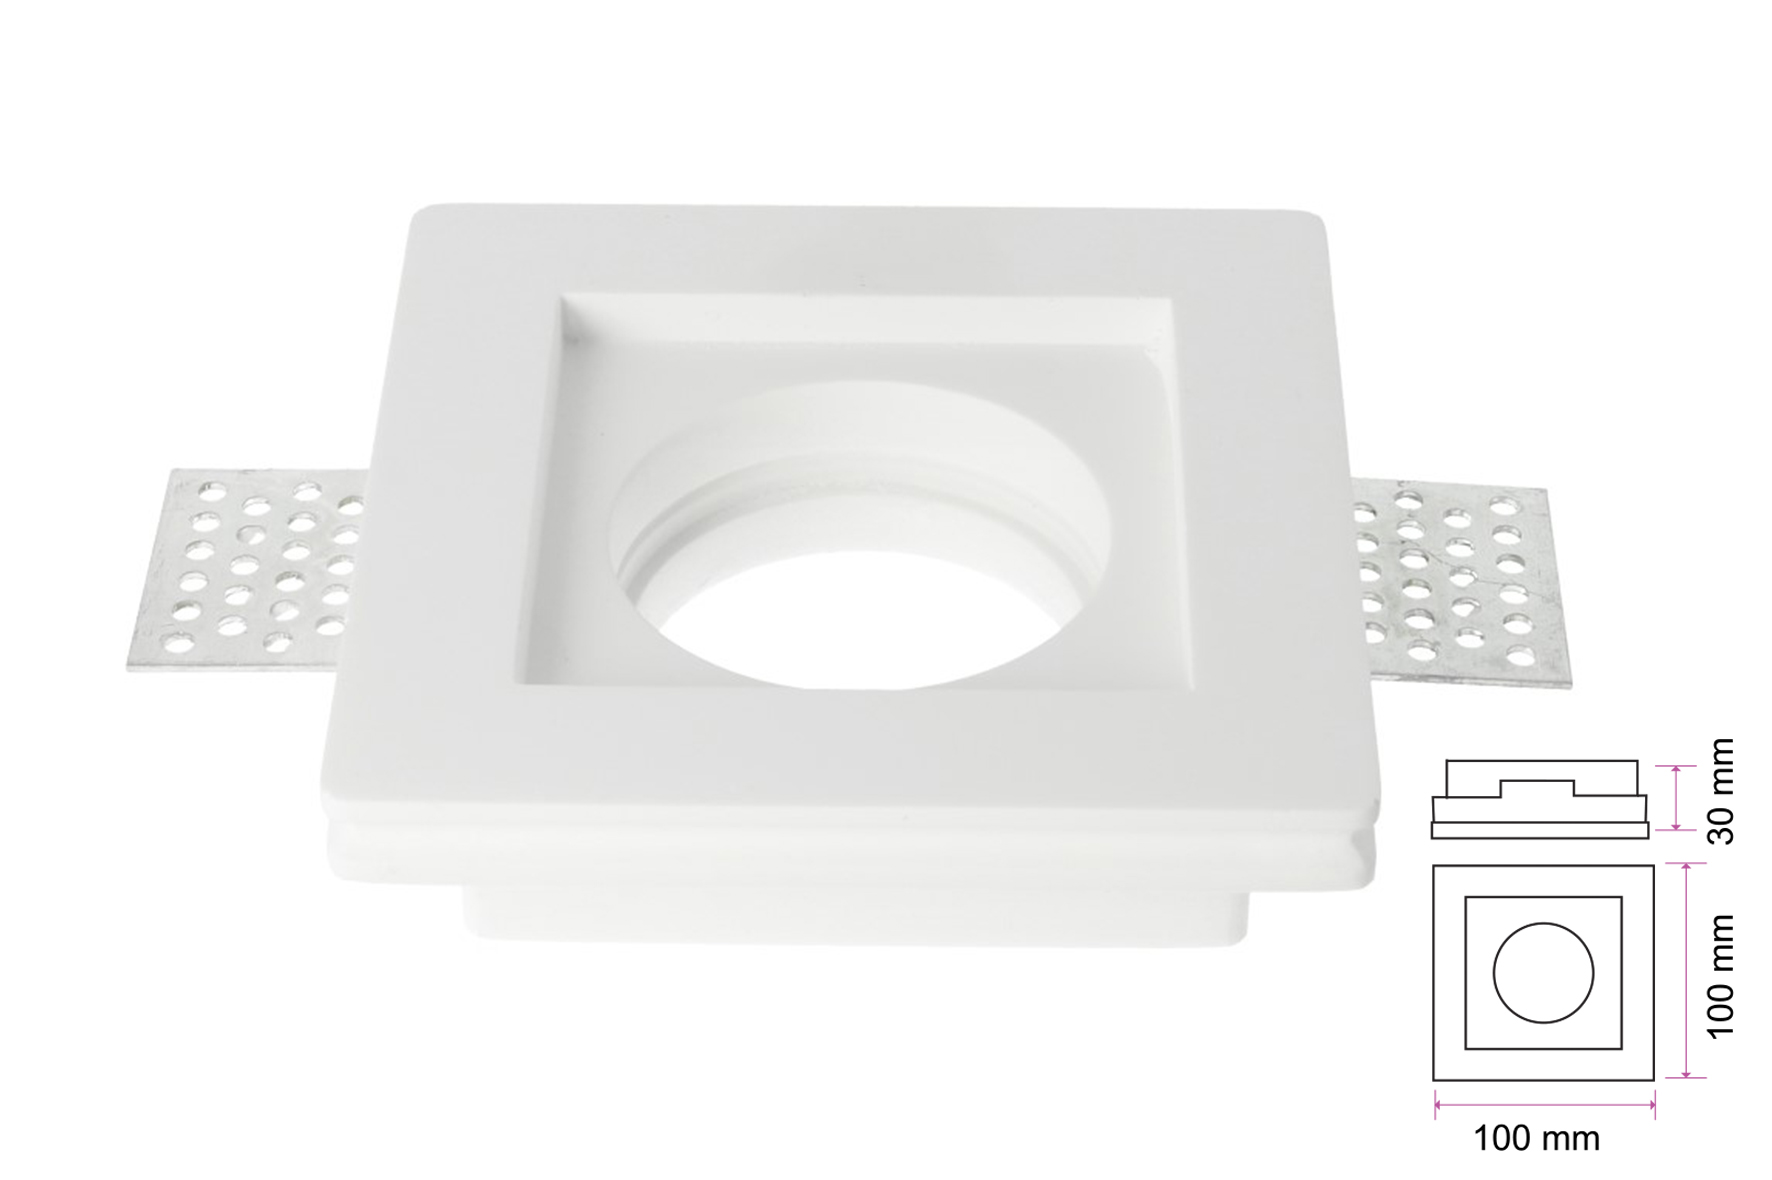 Portafaretto Lampada Led GU10 Da Incasso A Scomparsa Corpo Quadrato Gesso Bianco Verniciabile 100 x 100 mm SKU-3651 - KIT